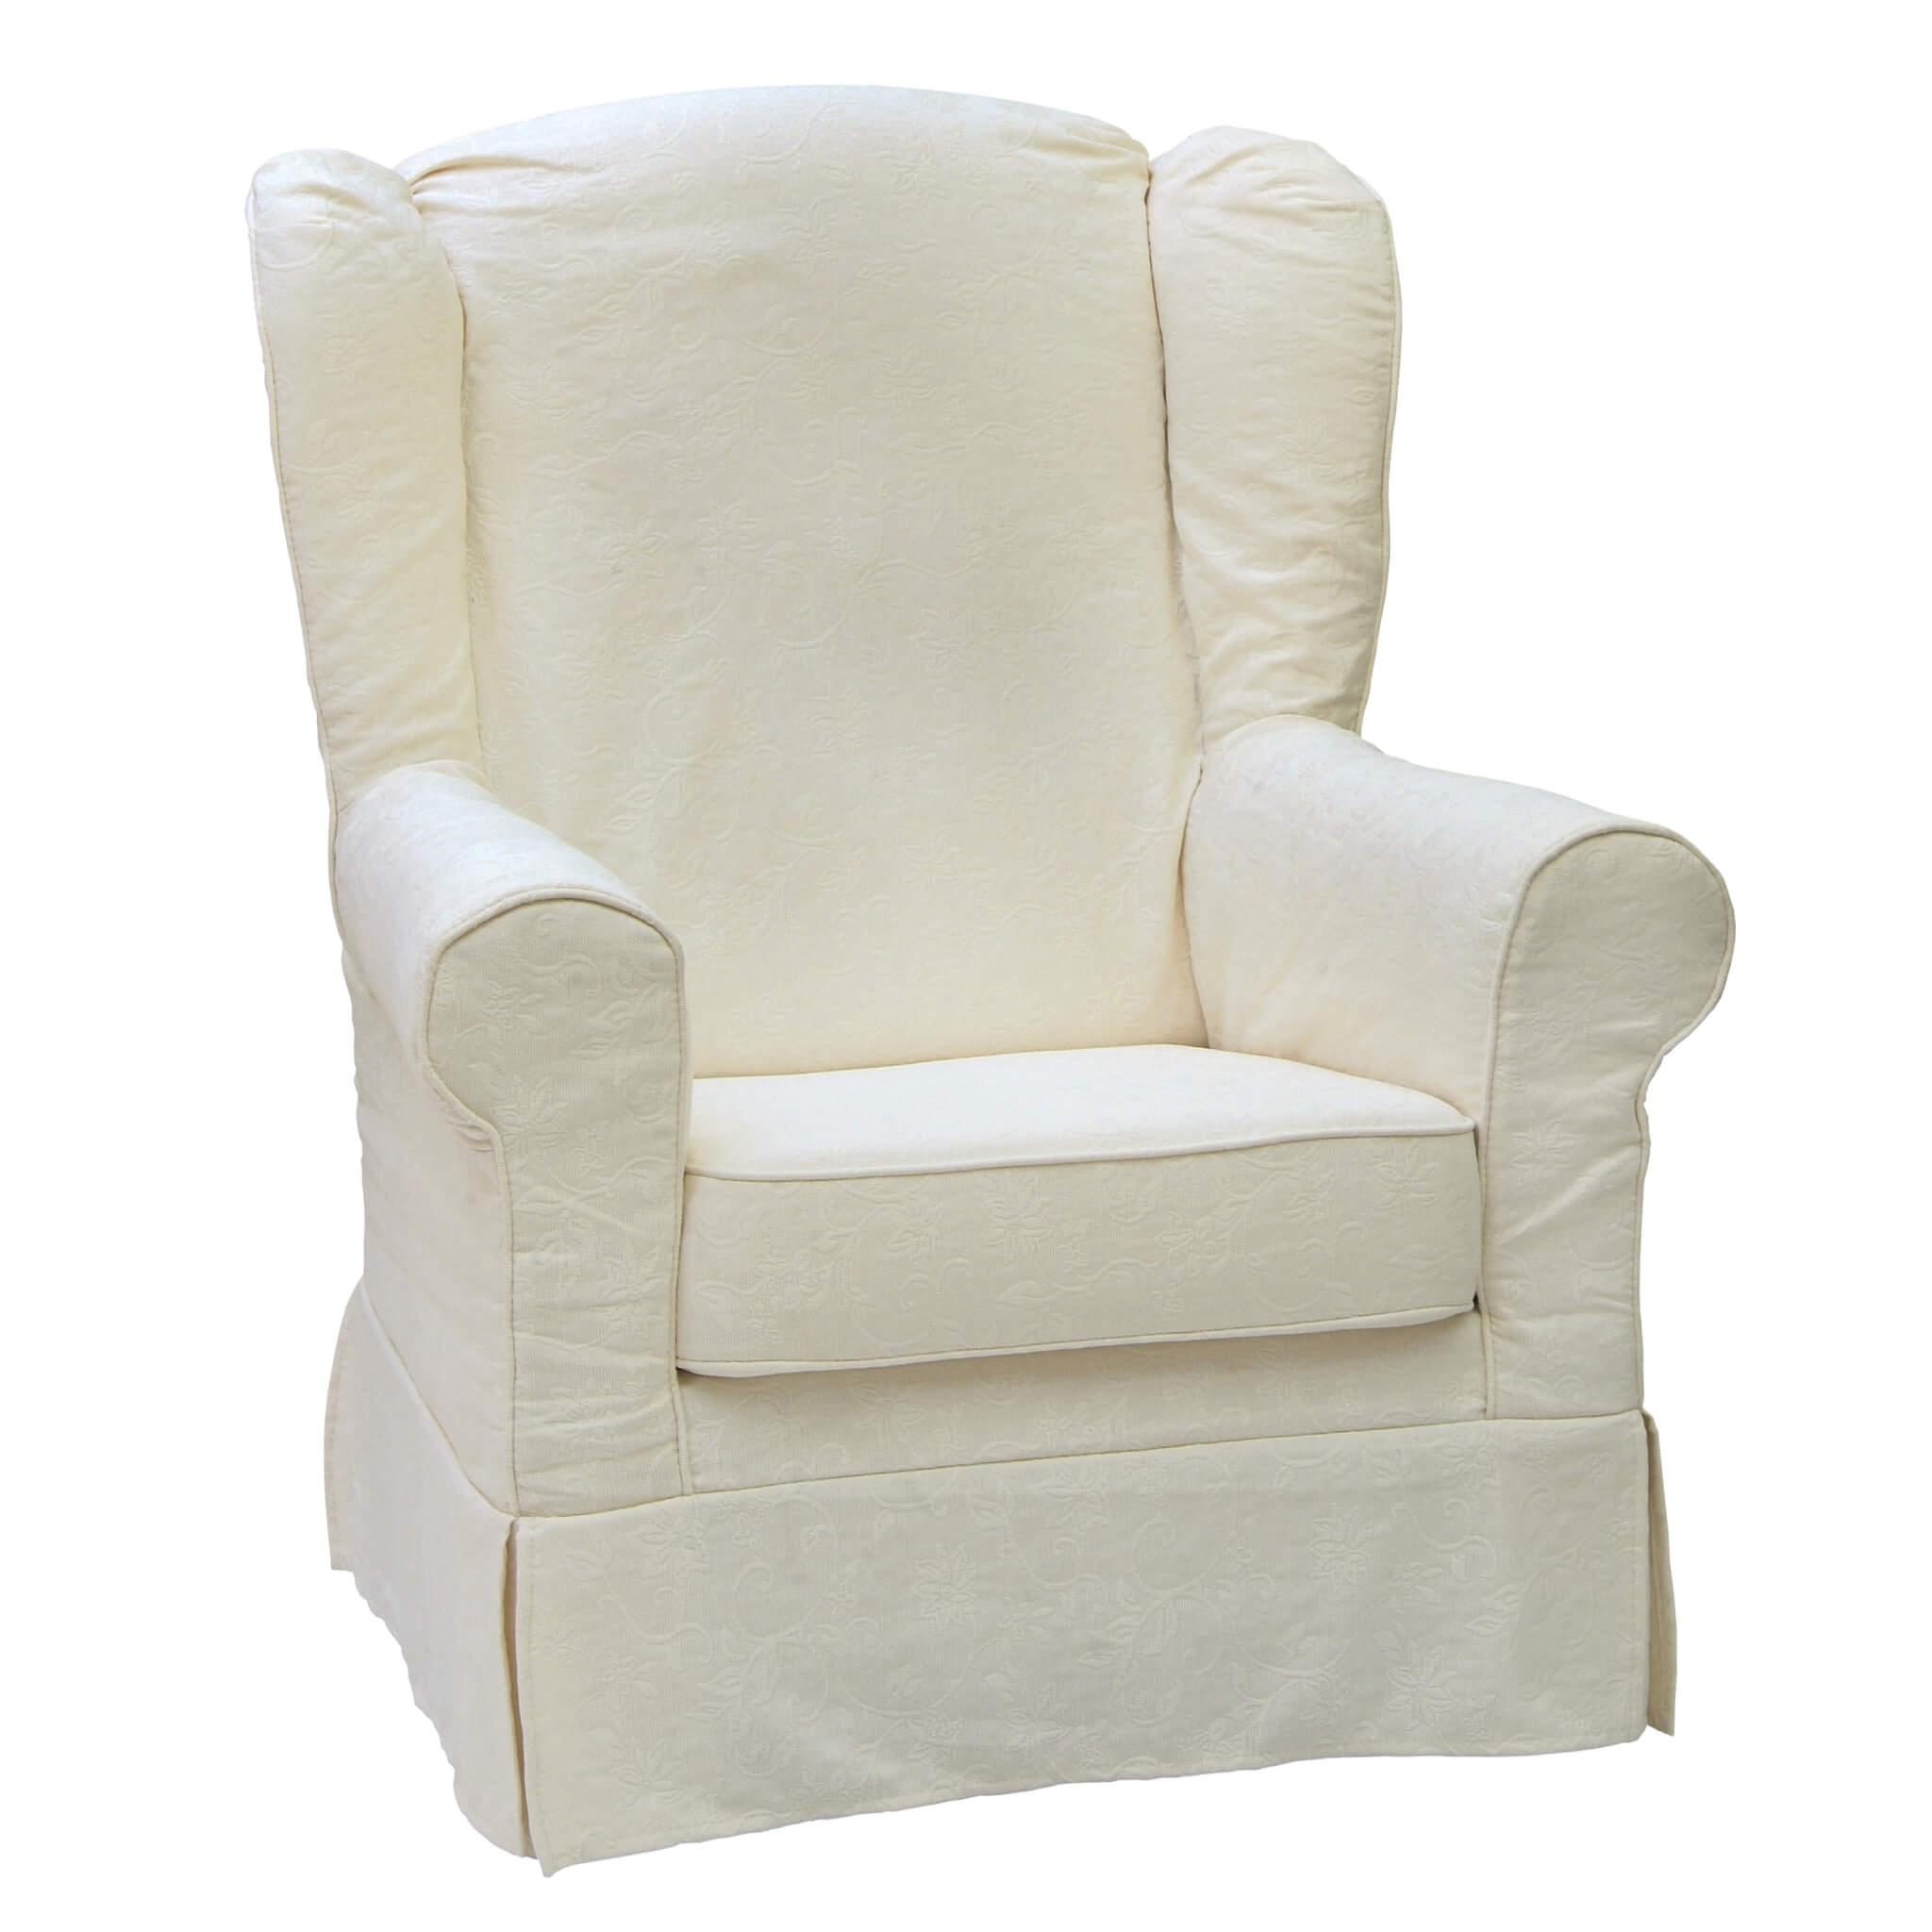 husse f r ohrensessel bestseller shop mit top marken. Black Bedroom Furniture Sets. Home Design Ideas